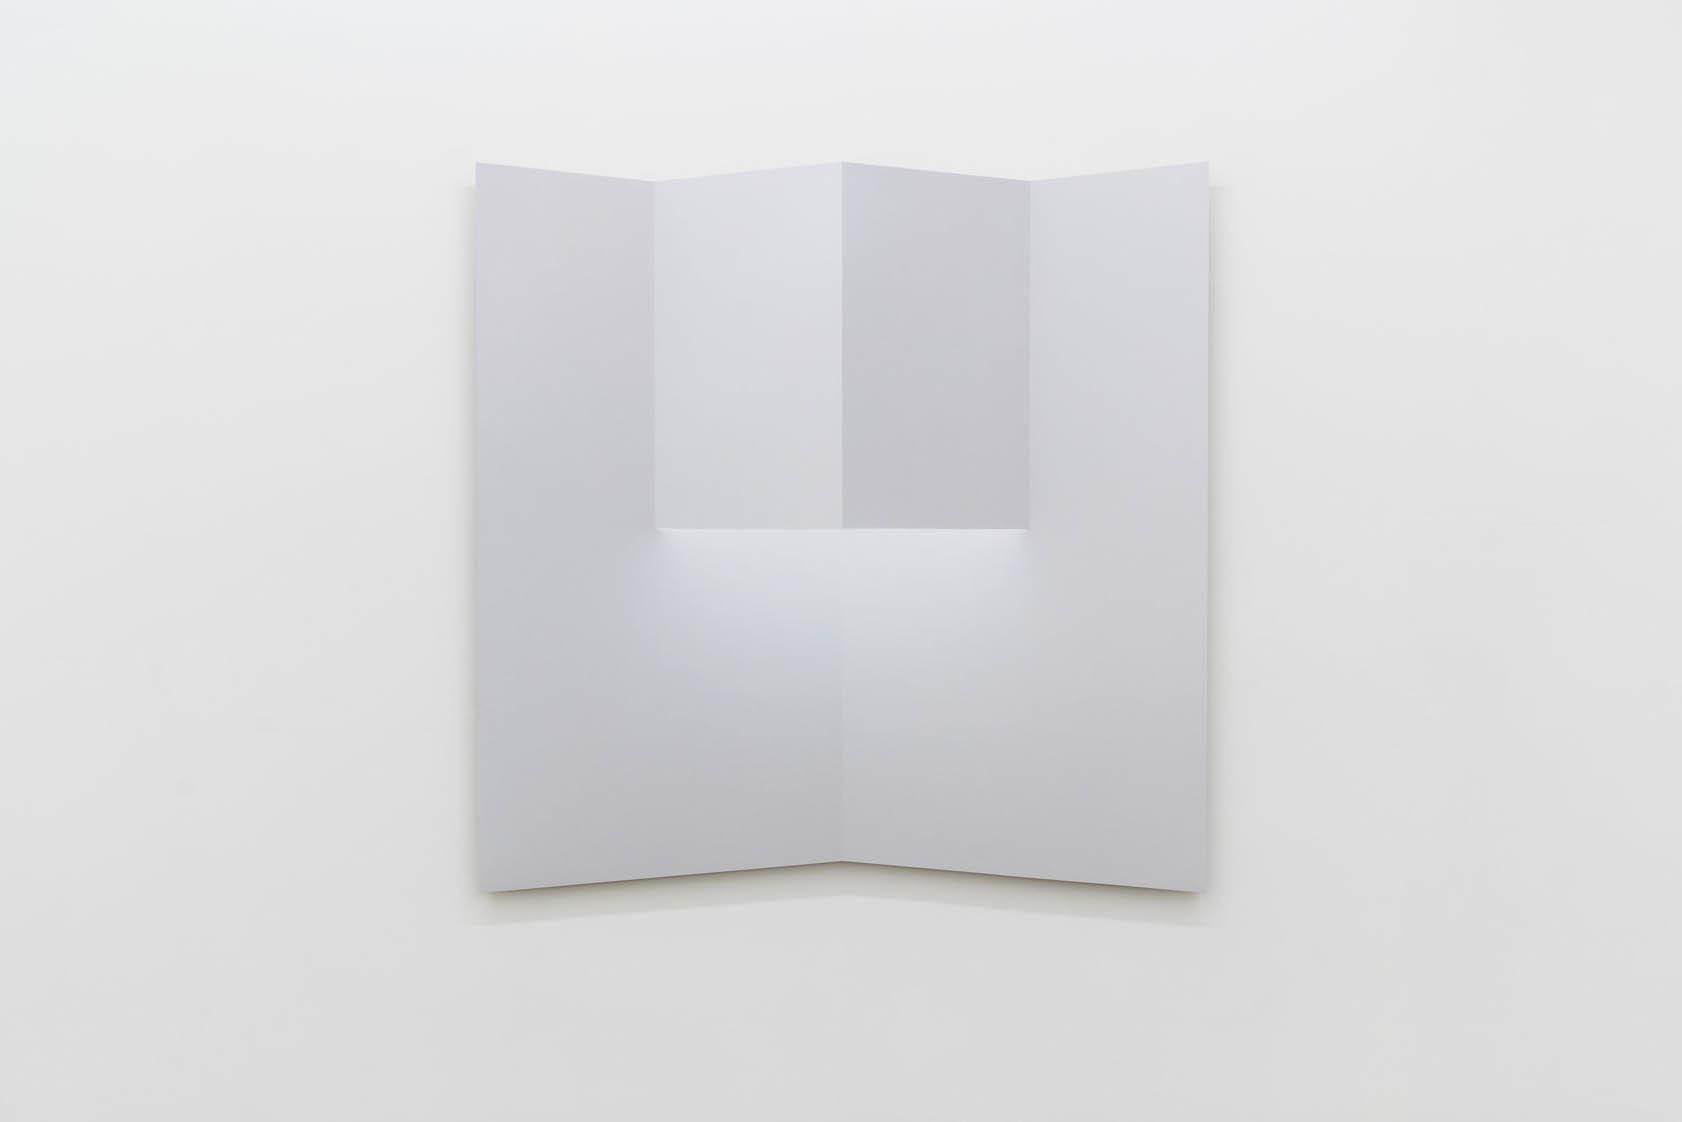 """Caroline Cloutier, Pliage 2 , 2018, encre sur papier monté sur aluminium, 108 x 108 cm (42.5"""" x 42.5"""")"""